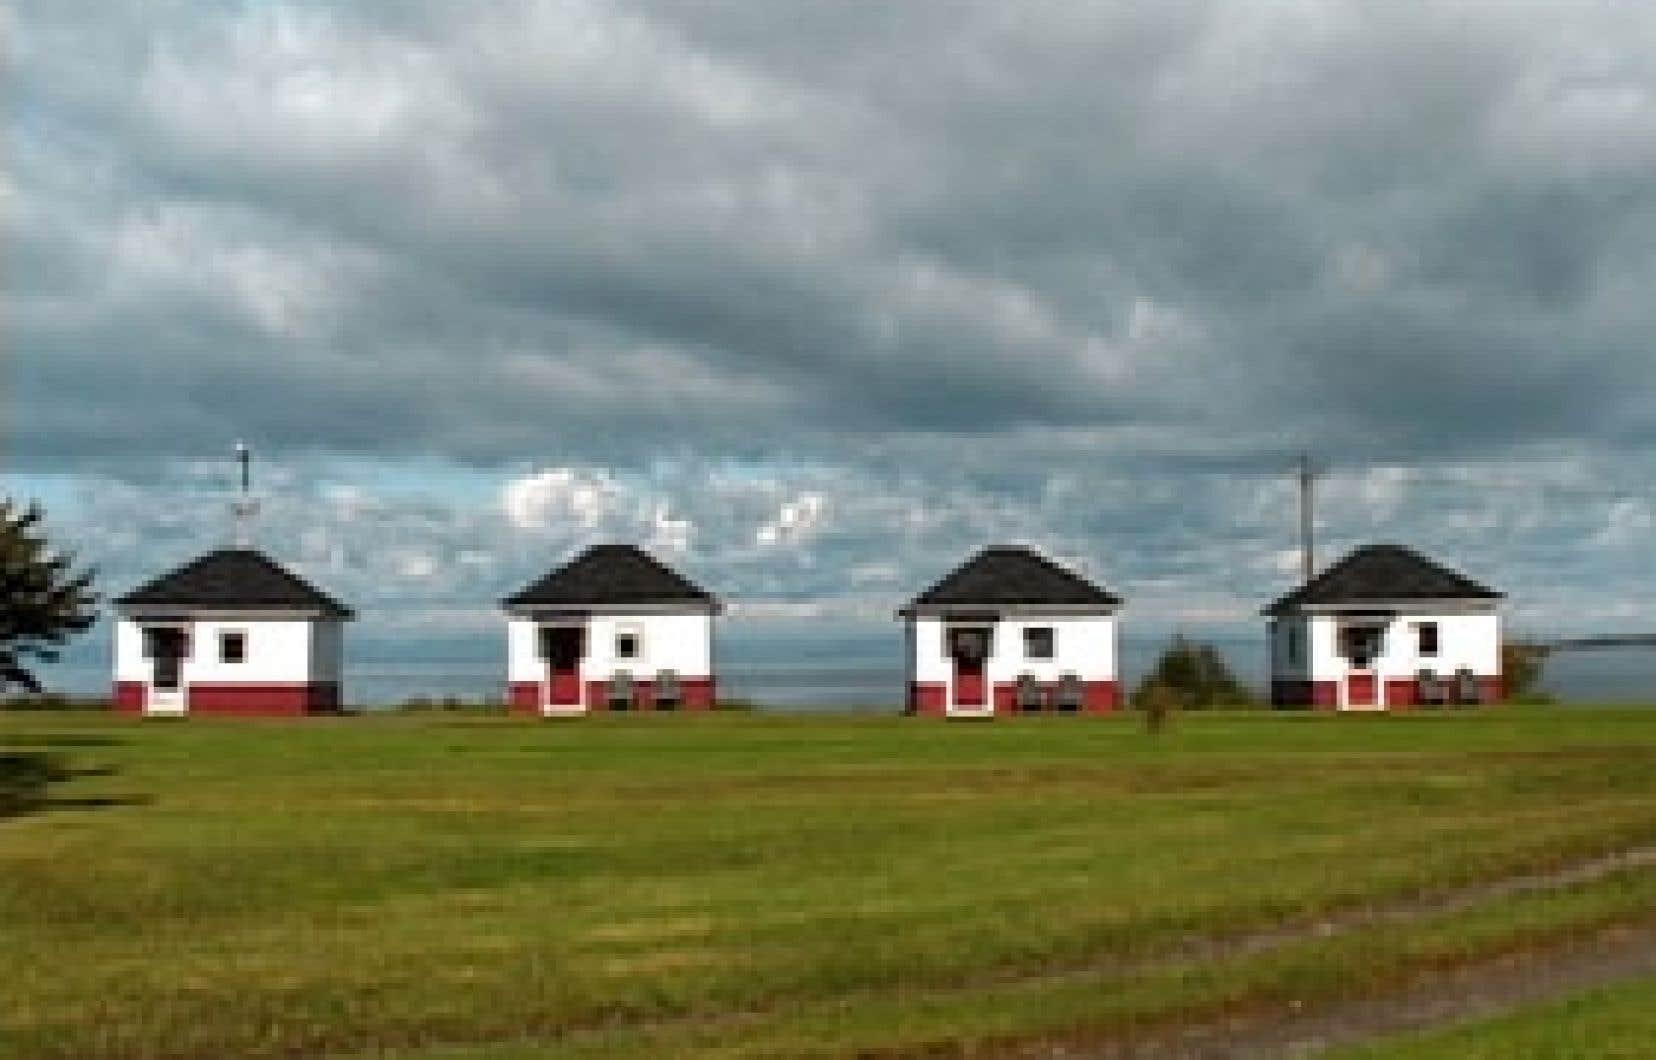 Le long de la route 132, Cabines capte la beauté discrète de ces maisonnettes donnant l'illusion du bungalow pour ces nombreux voyageurs qui voulaient fuir leur quotidien.